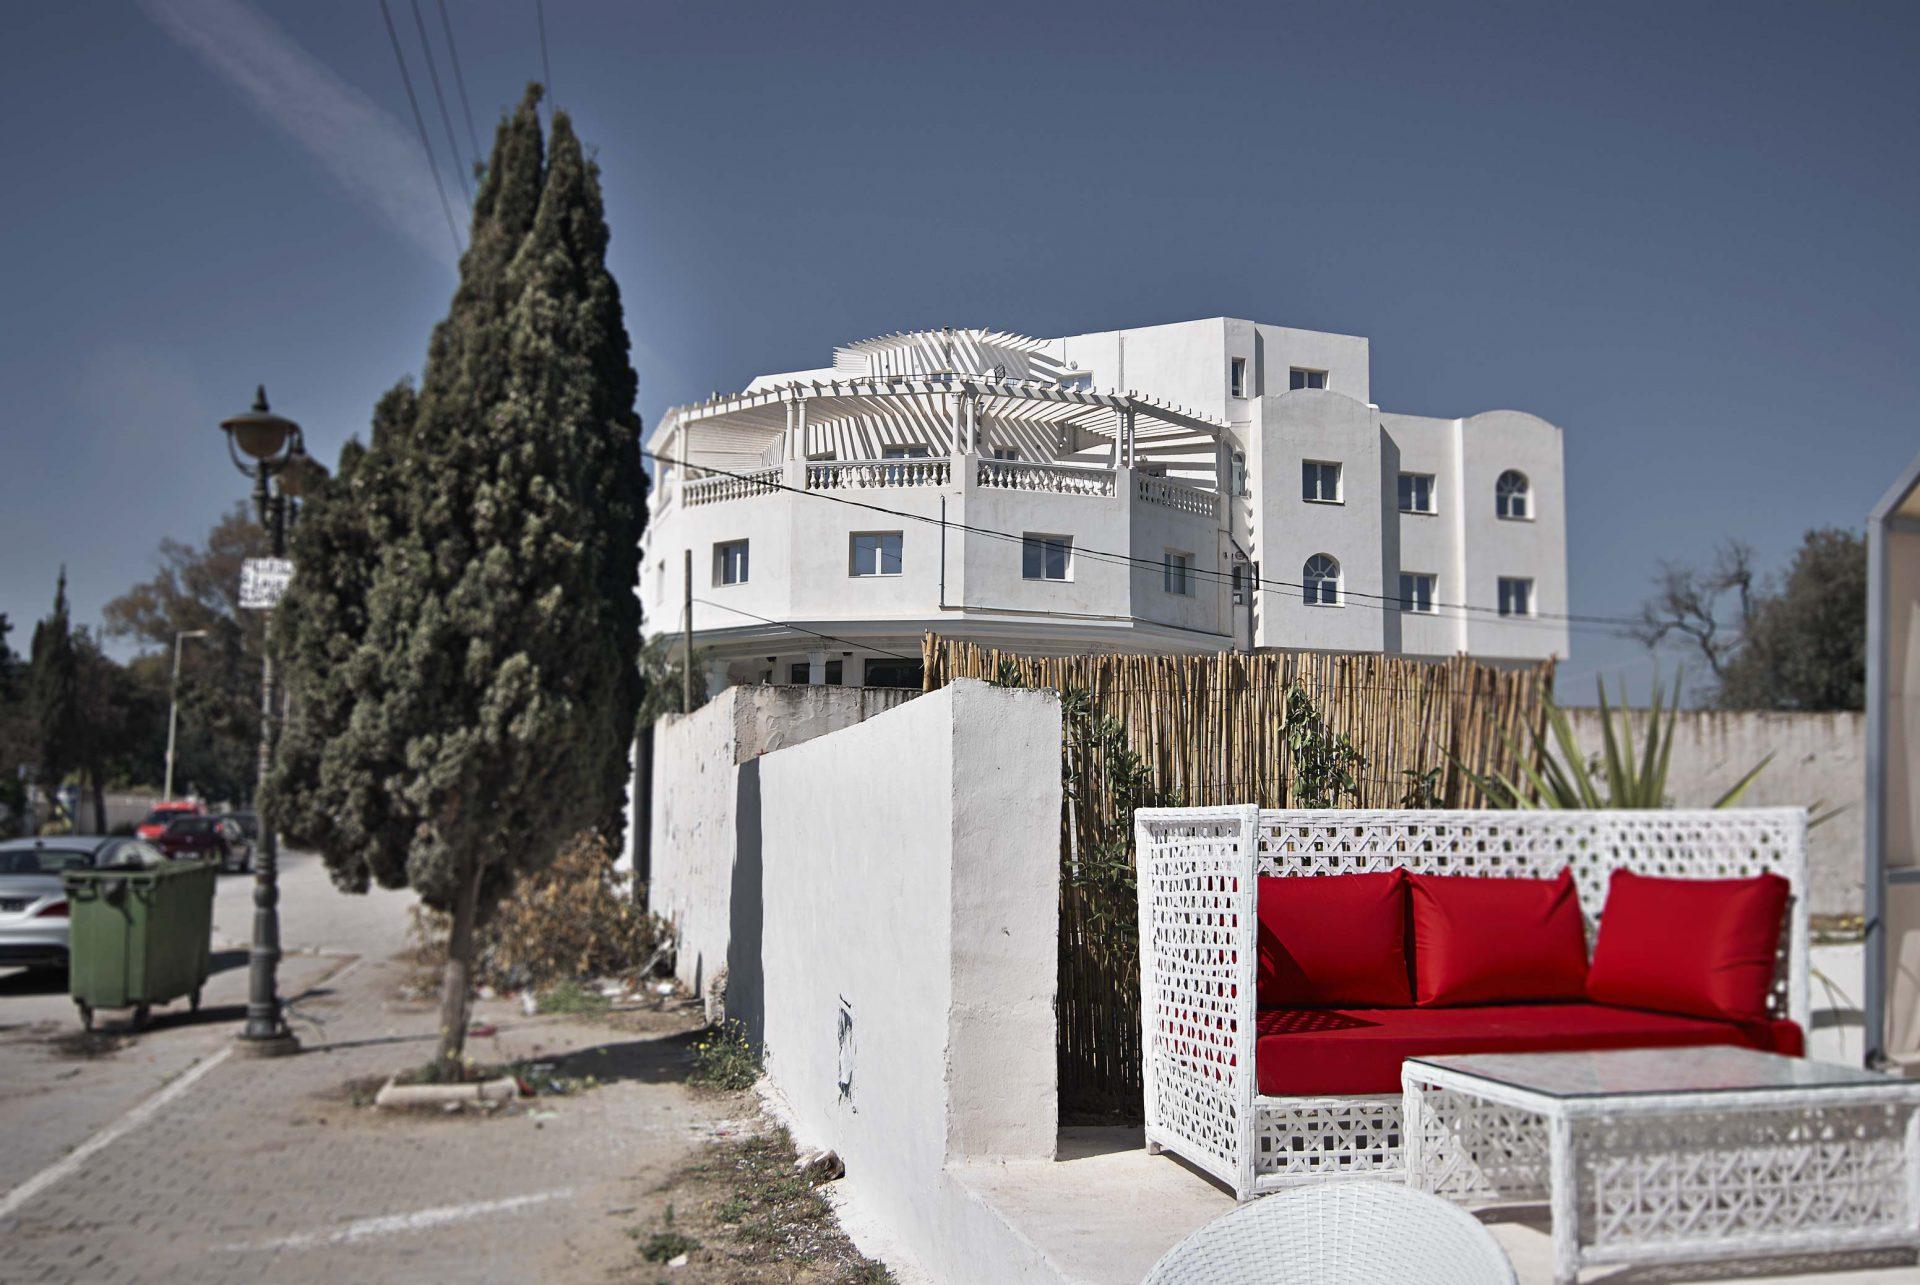 Tunis2014-02-0630-13